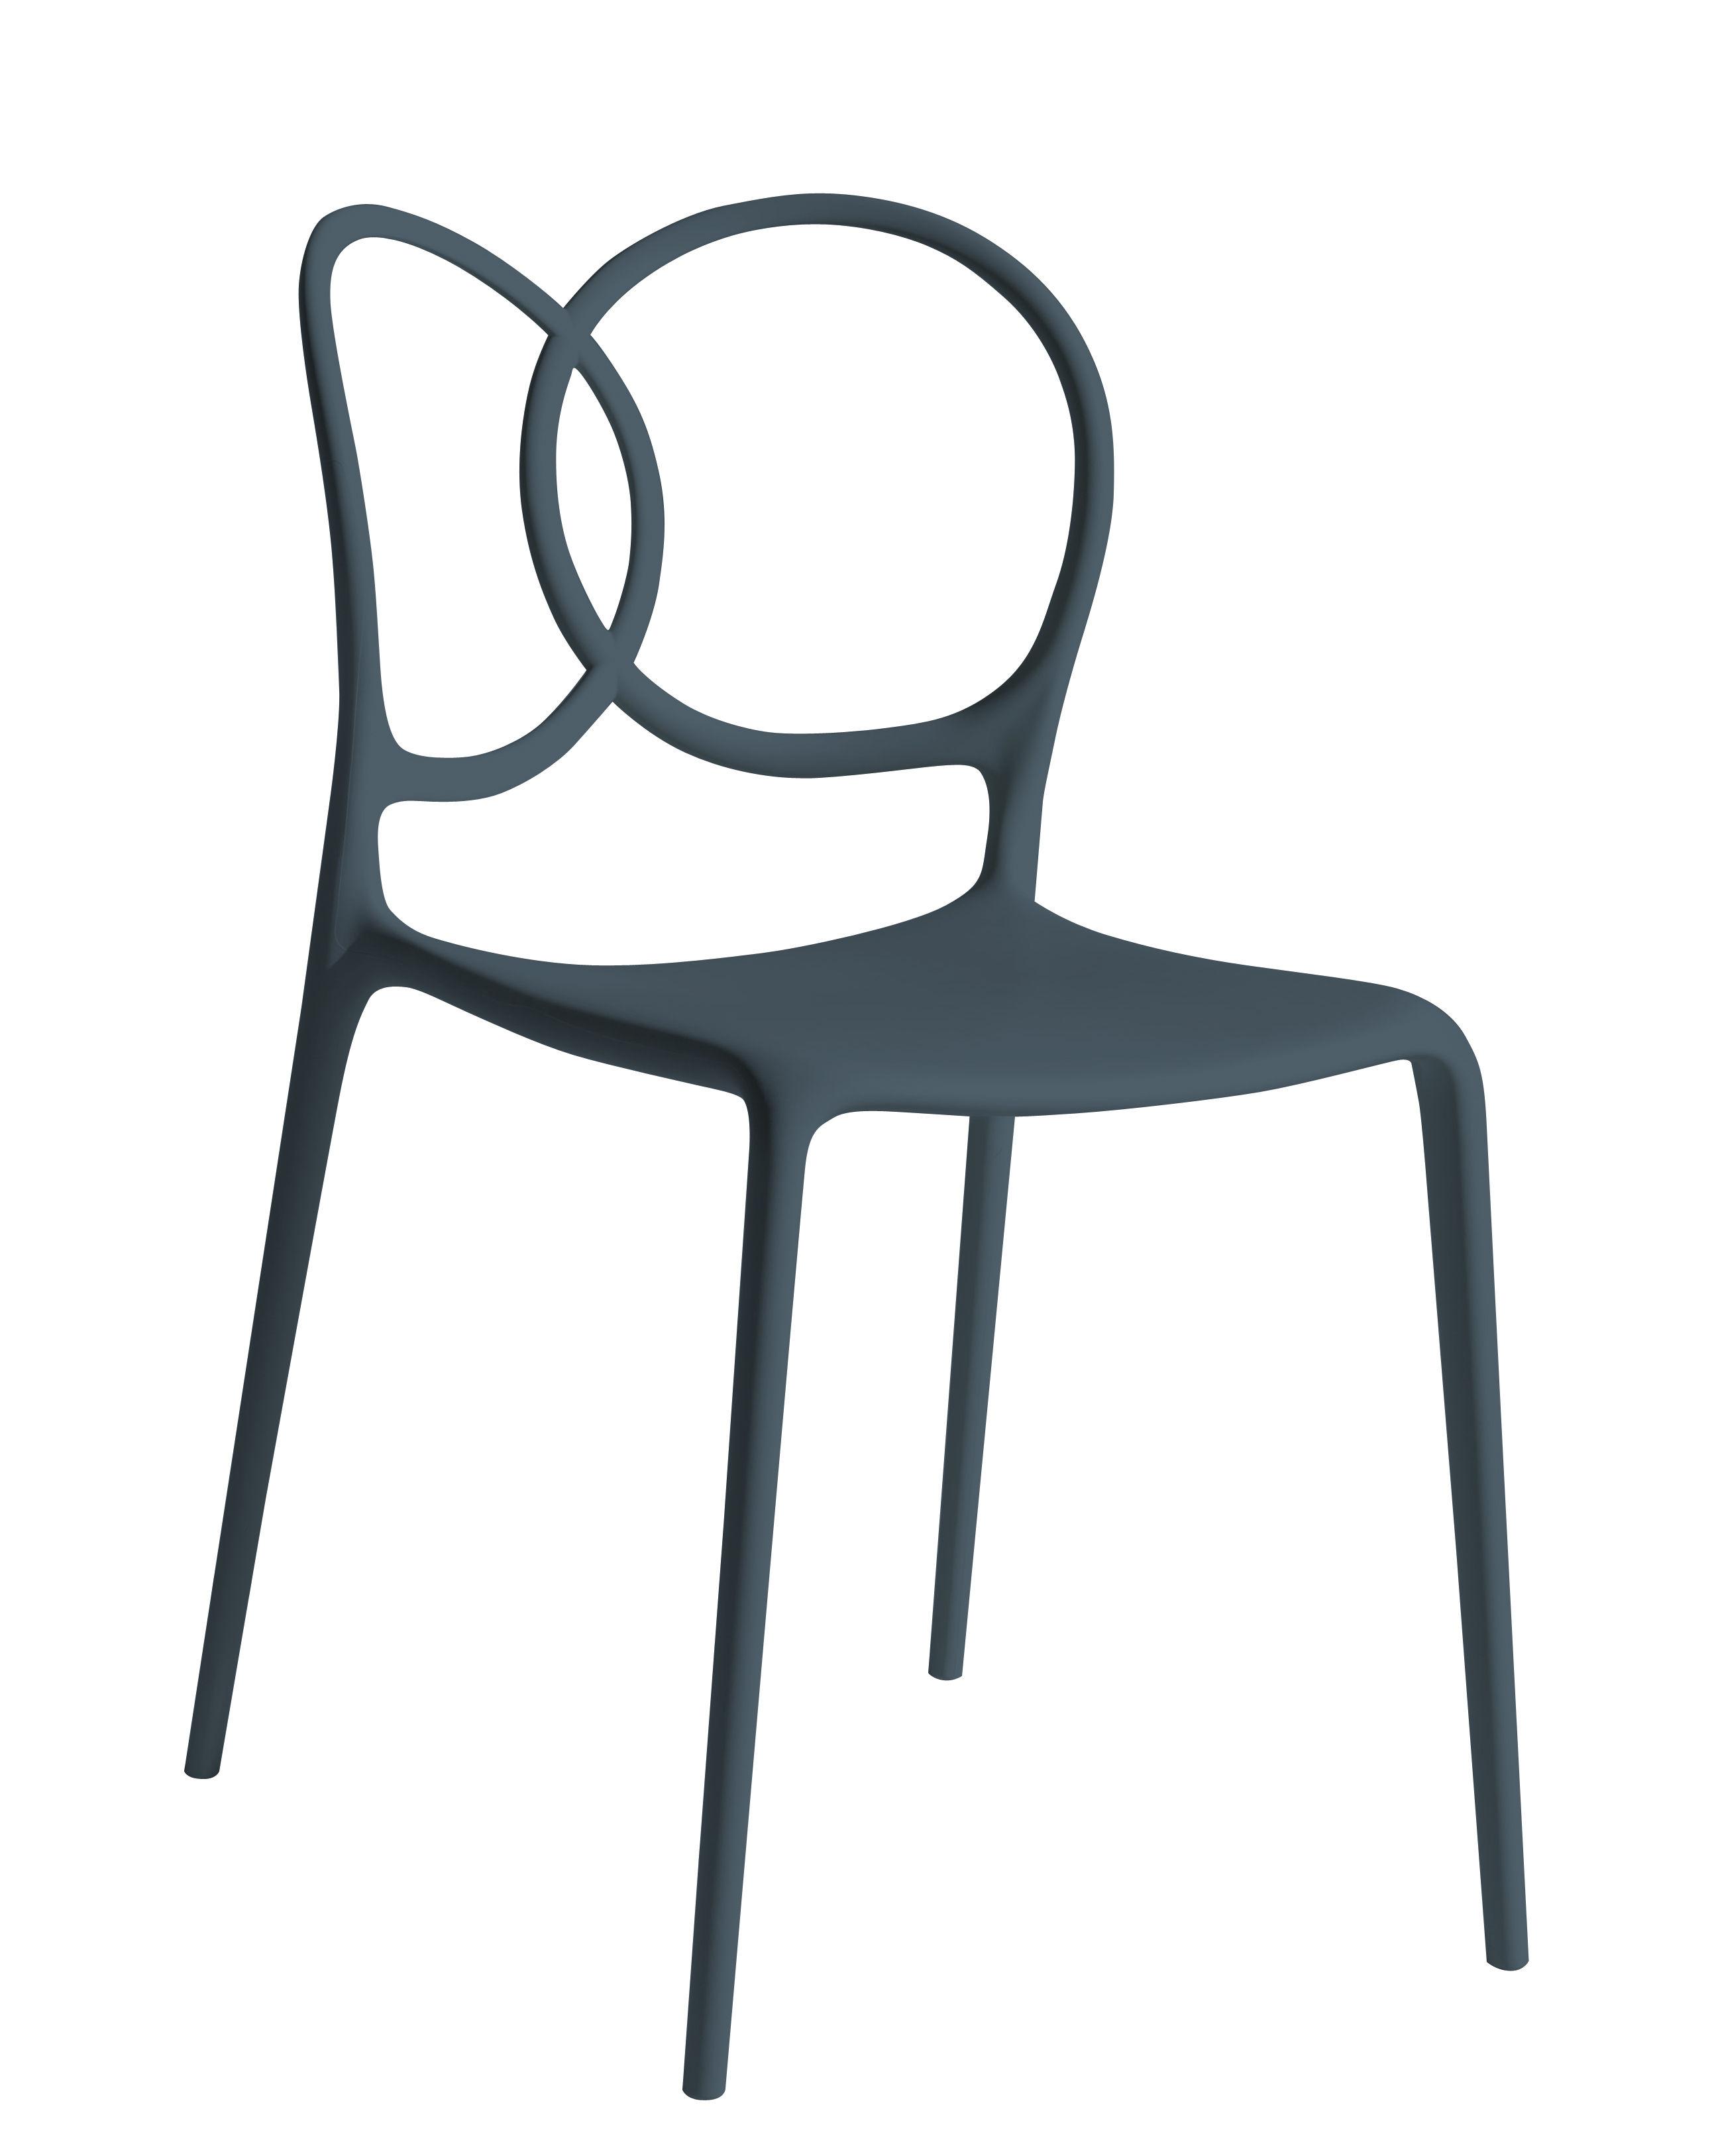 Mobilier - Chaises, fauteuils de salle à manger - Chaise empilable Sissi Outdoor - Driade - Gris foncé - Fibre de verre, Polyéthylène, Polypropylène